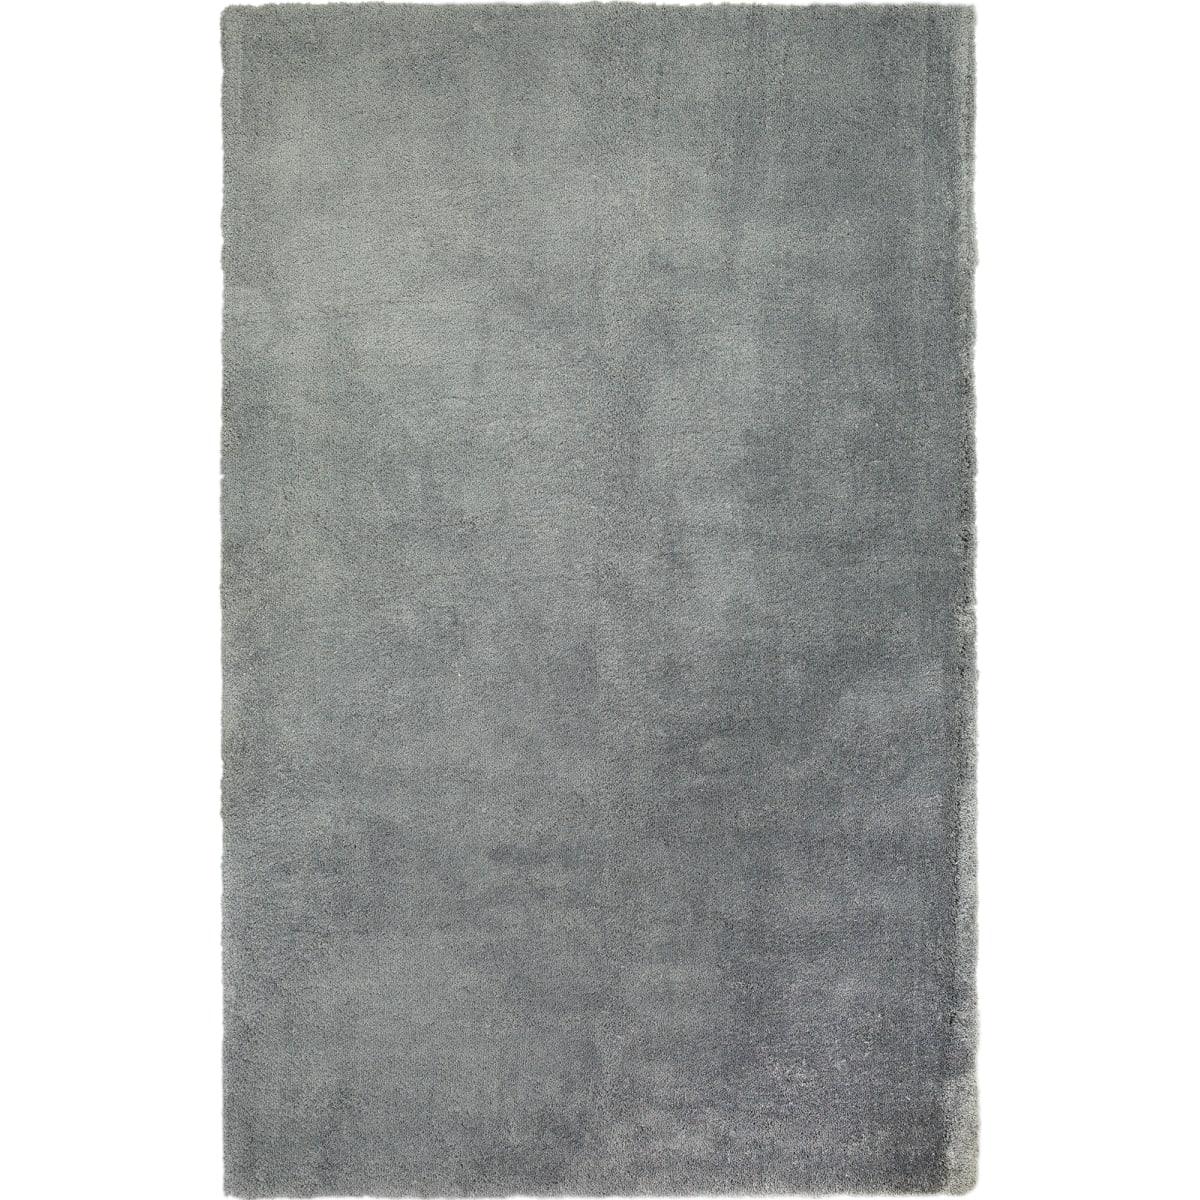 Ковёр Amigo «Лавсан», 1.6х2.3 м, цвет серый